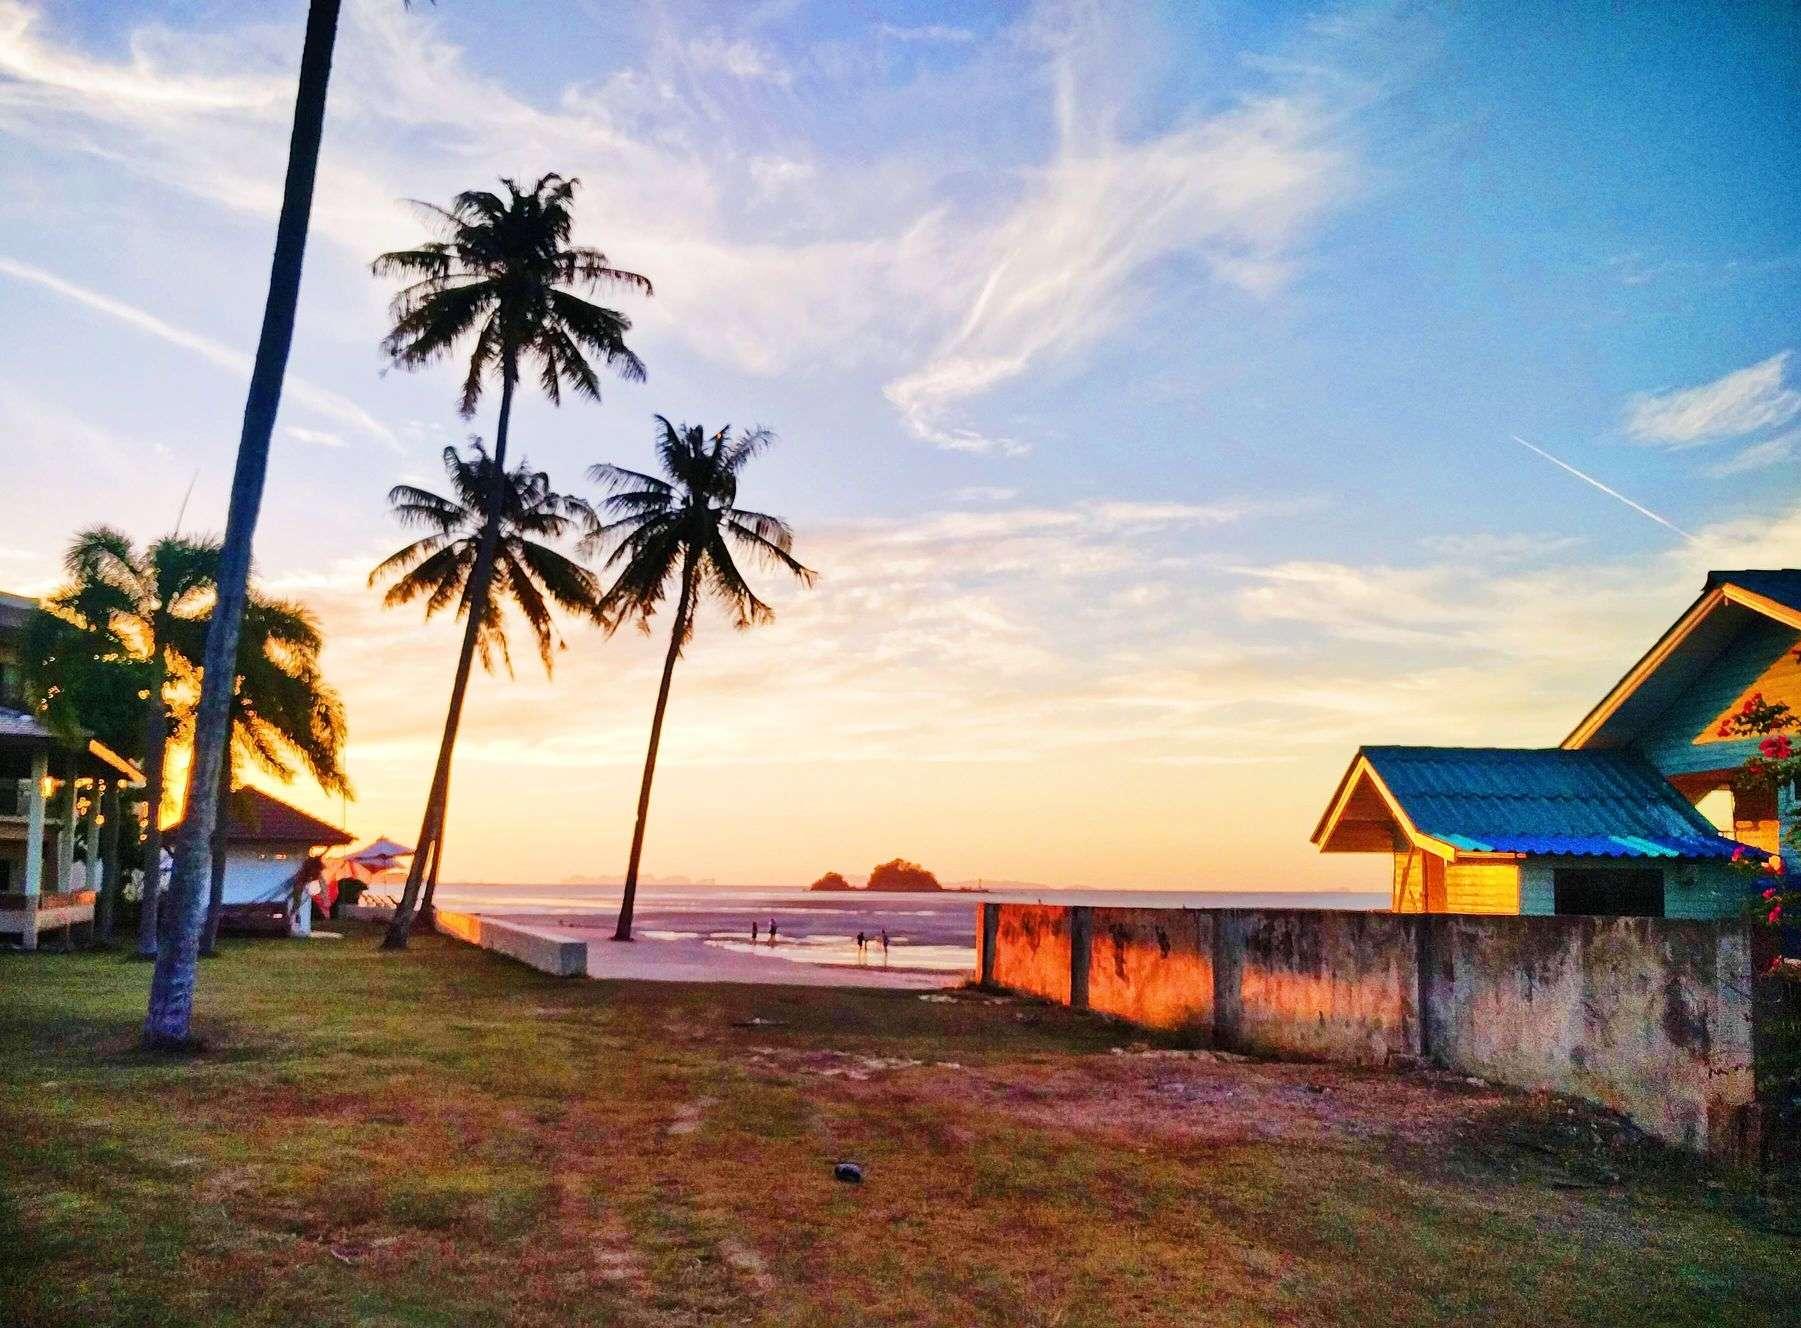 Digital nomad destination in Thailand